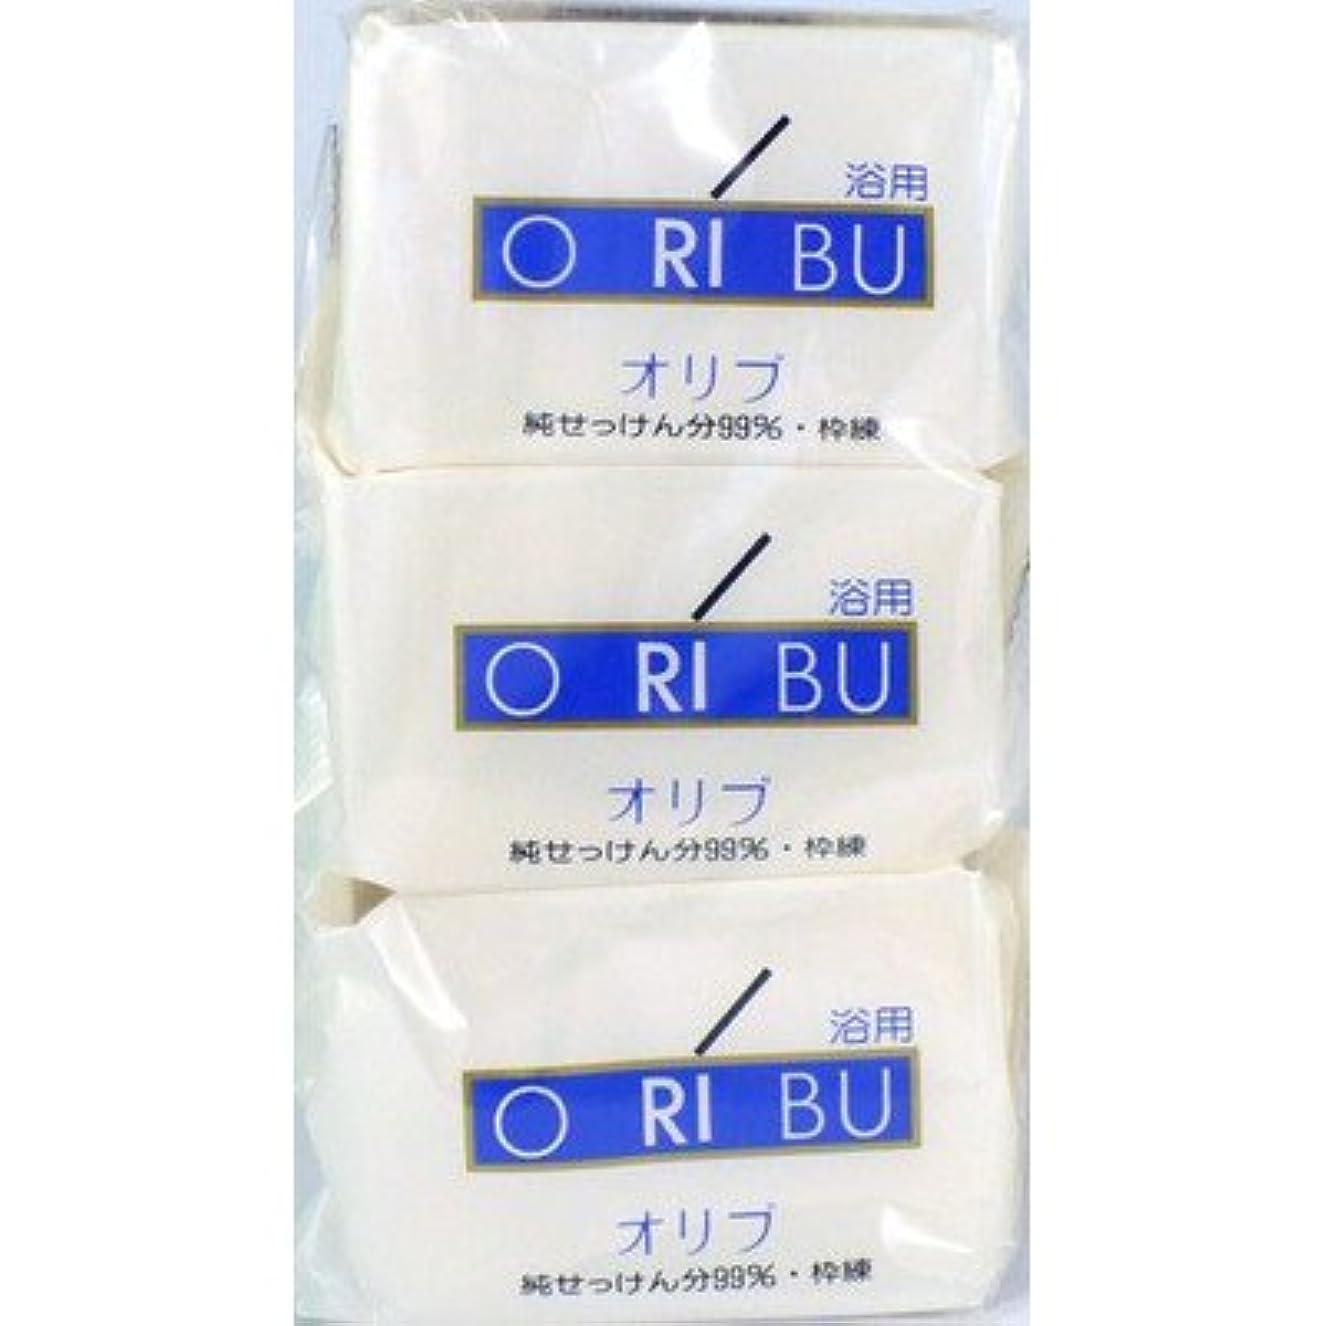 分散拡大する甘やかす暁石鹸 ORIBU オリブ 浴用石鹸 110g 3個入り